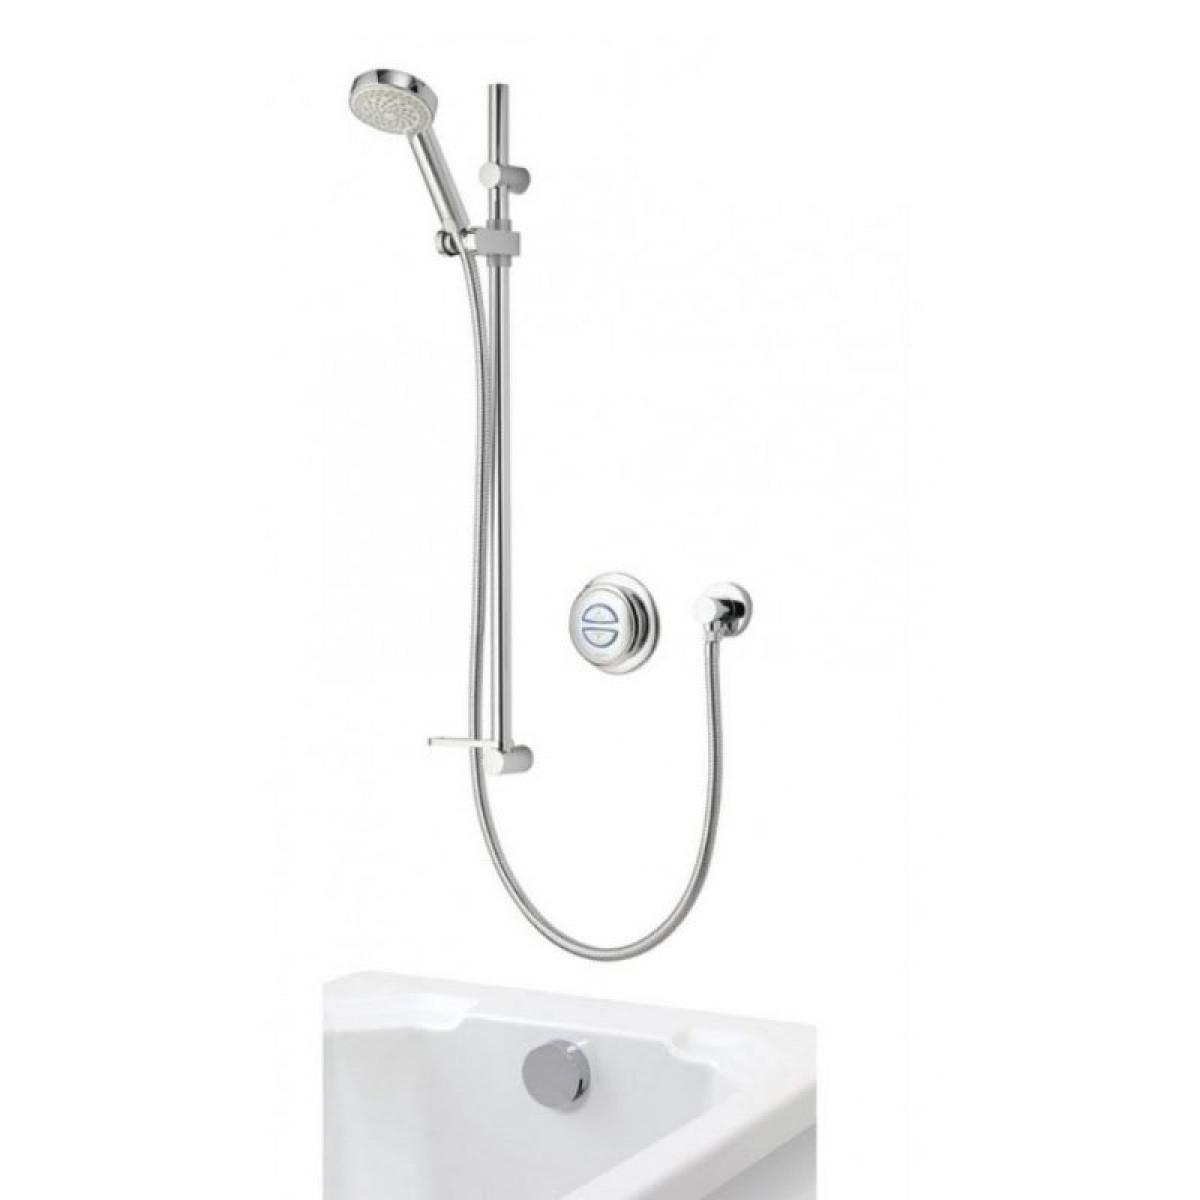 aqualisa quartz digital concealed combi shower with bath. Black Bedroom Furniture Sets. Home Design Ideas